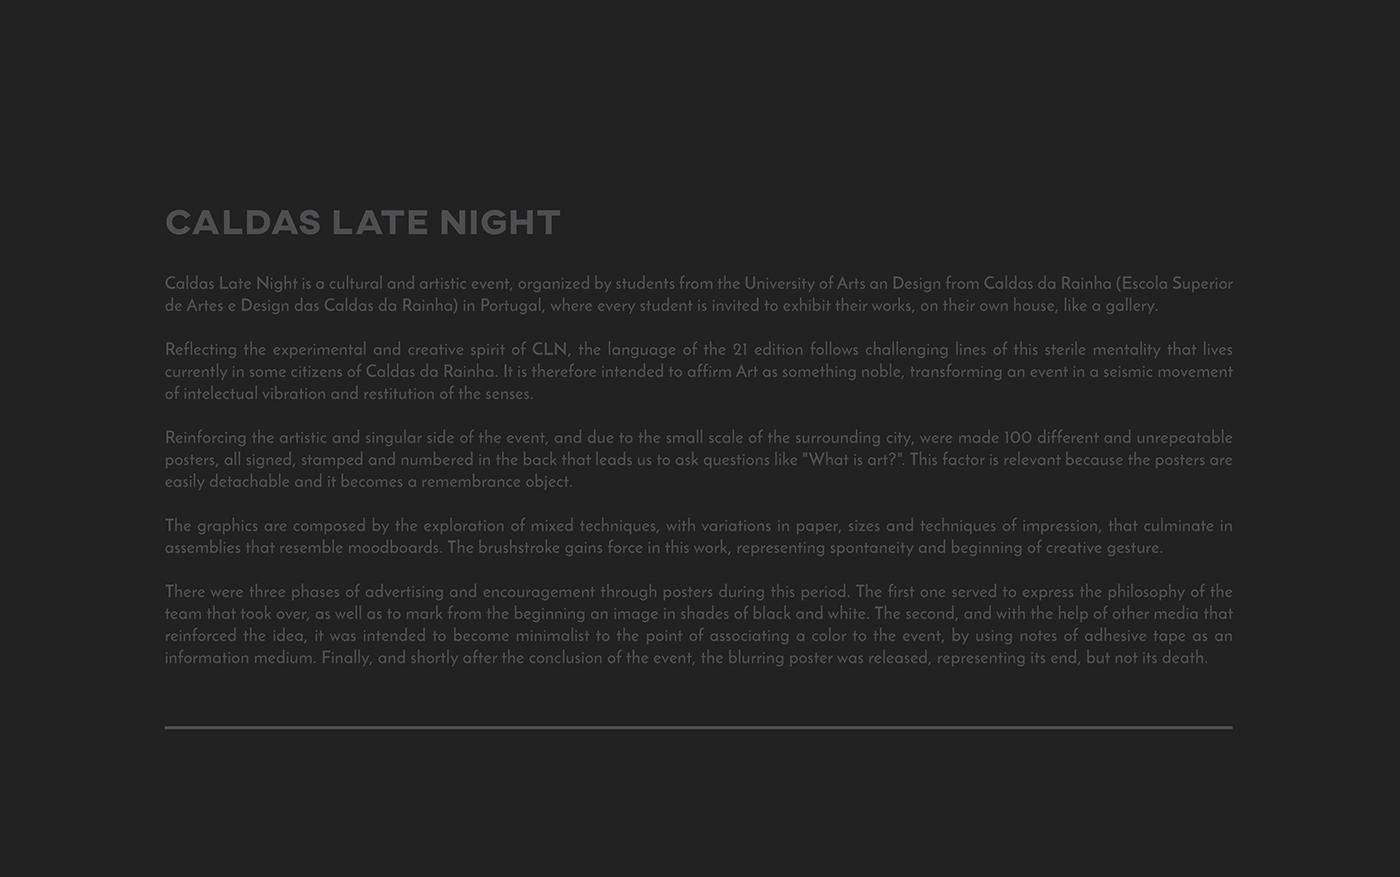 caldas late night CLN 21 guifurt black caldas da rainha Event print poster culture design